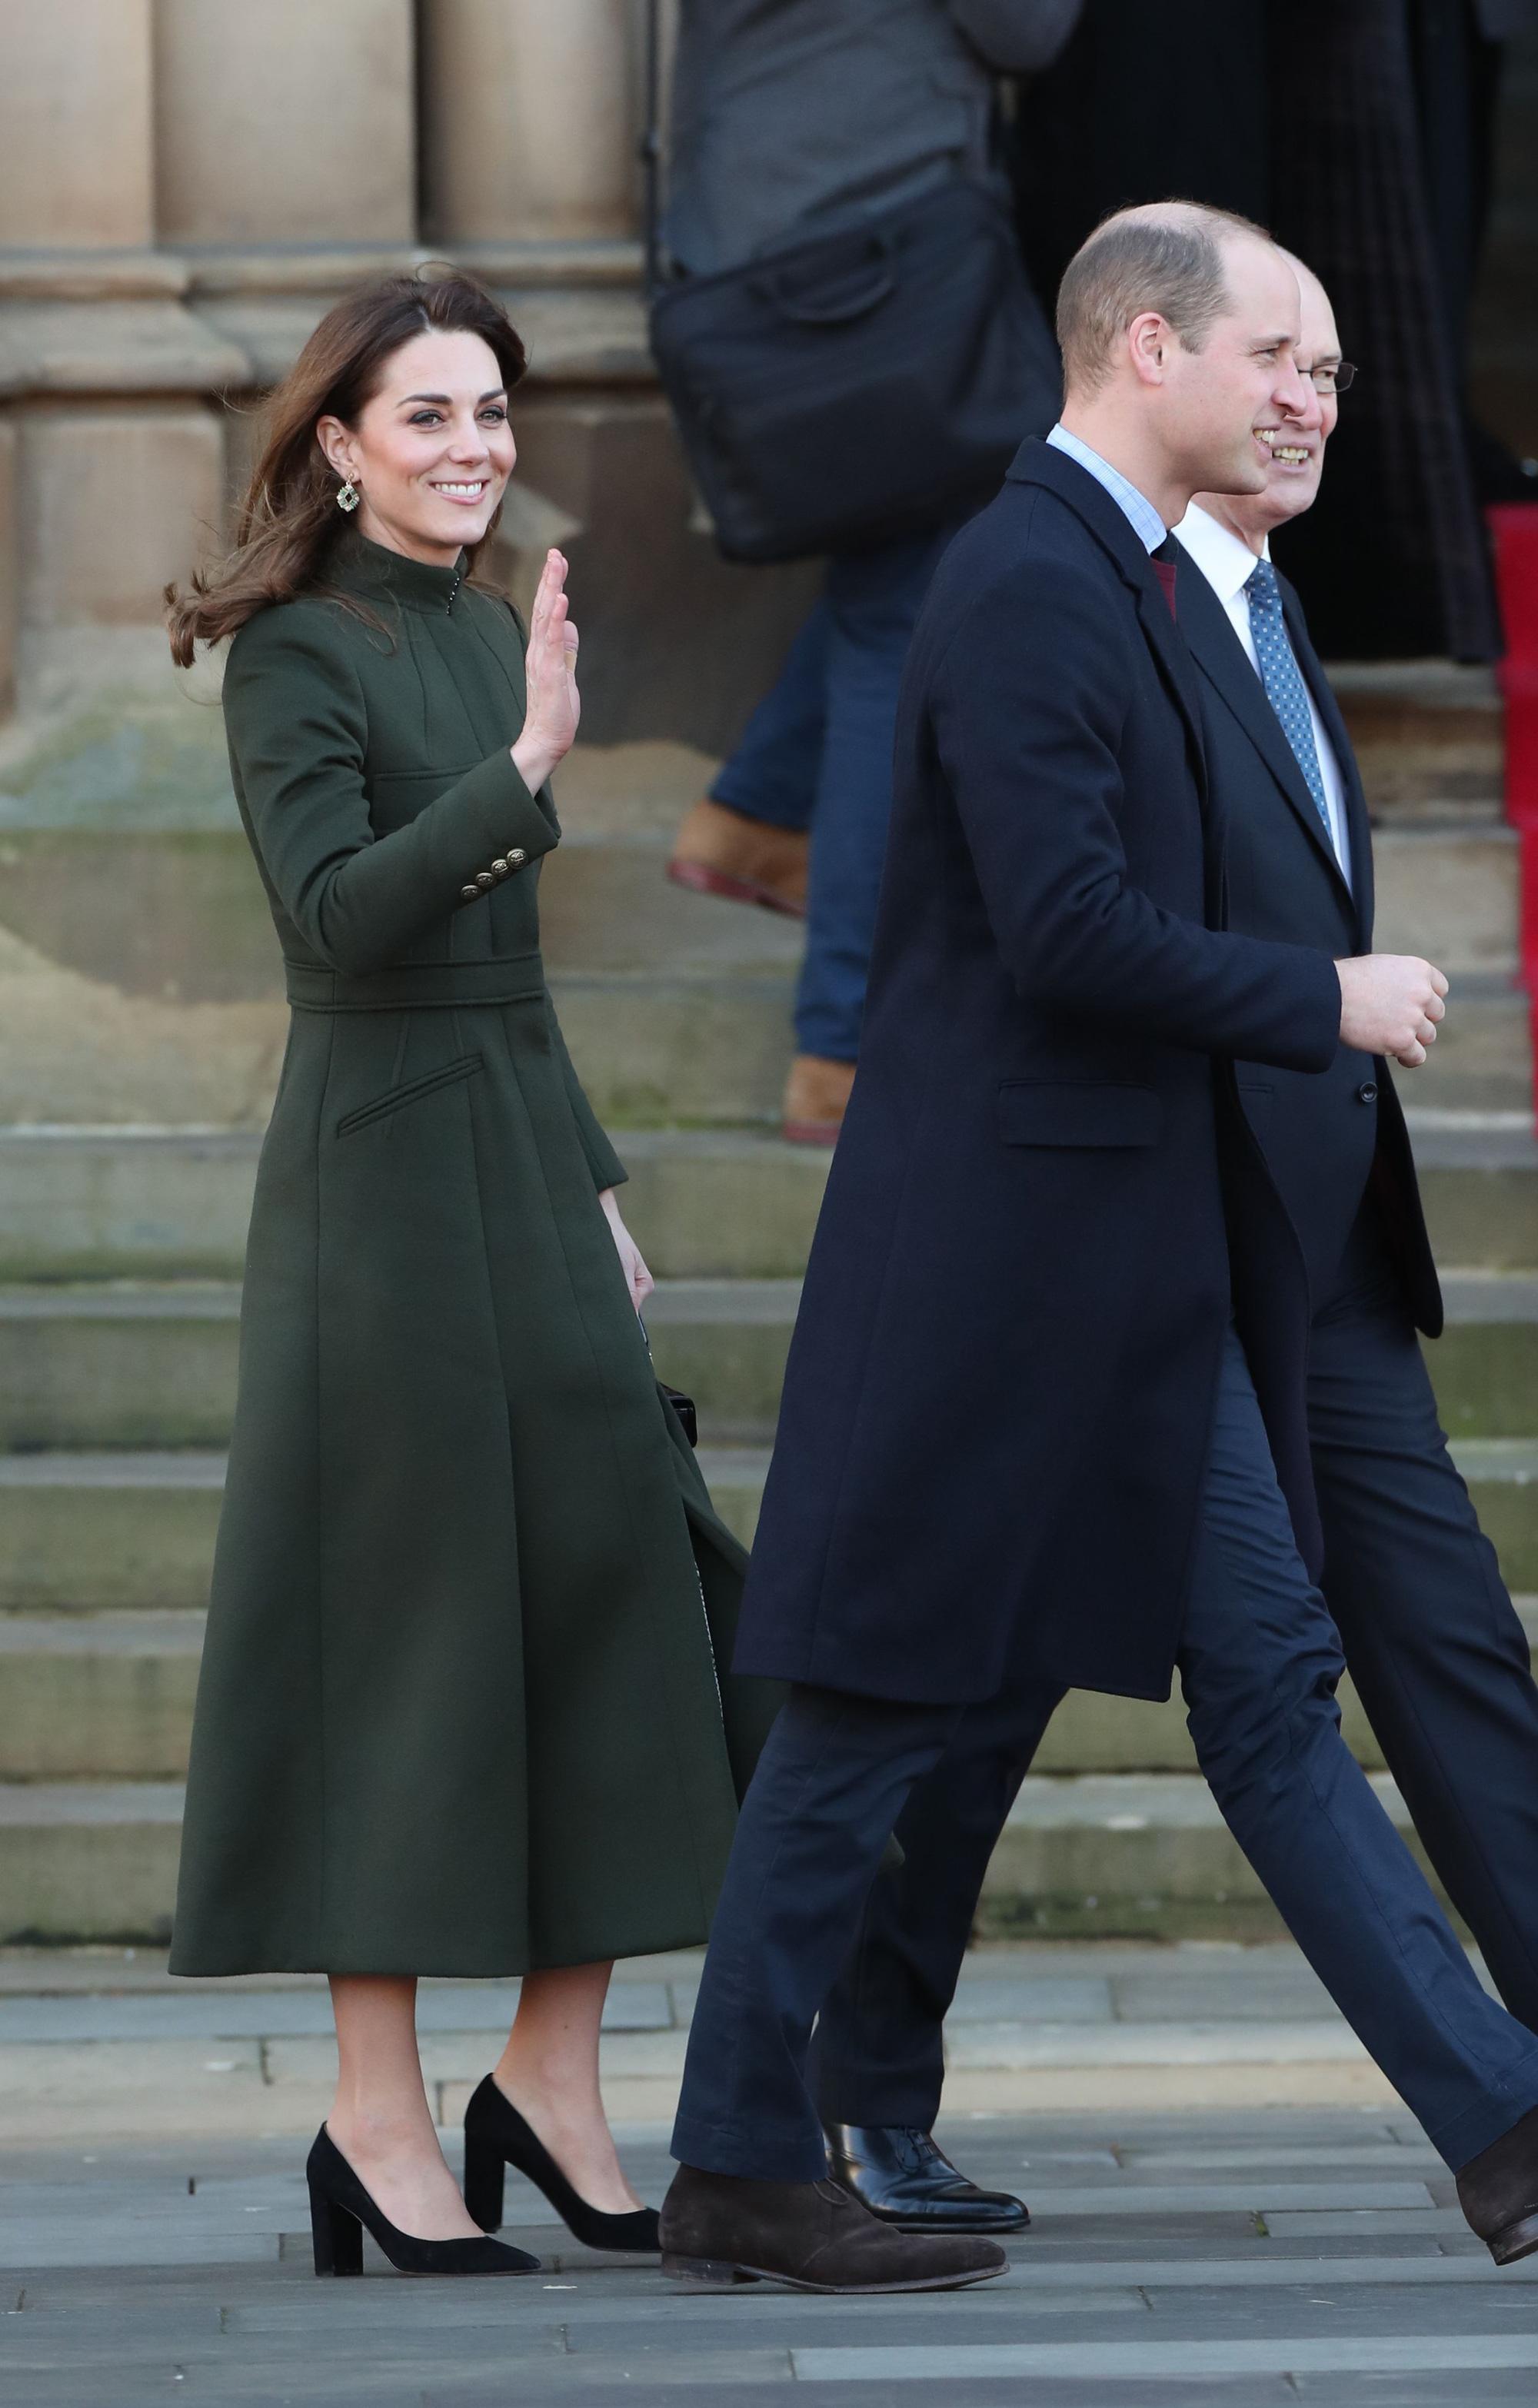 Khác hẳn vẻ lén lút của Meghan, Công nương Kate xuất hiện rạng rỡ, diện váy sale vài trăm ngàn mà vẫn sang ngút ngàn - Ảnh 4.